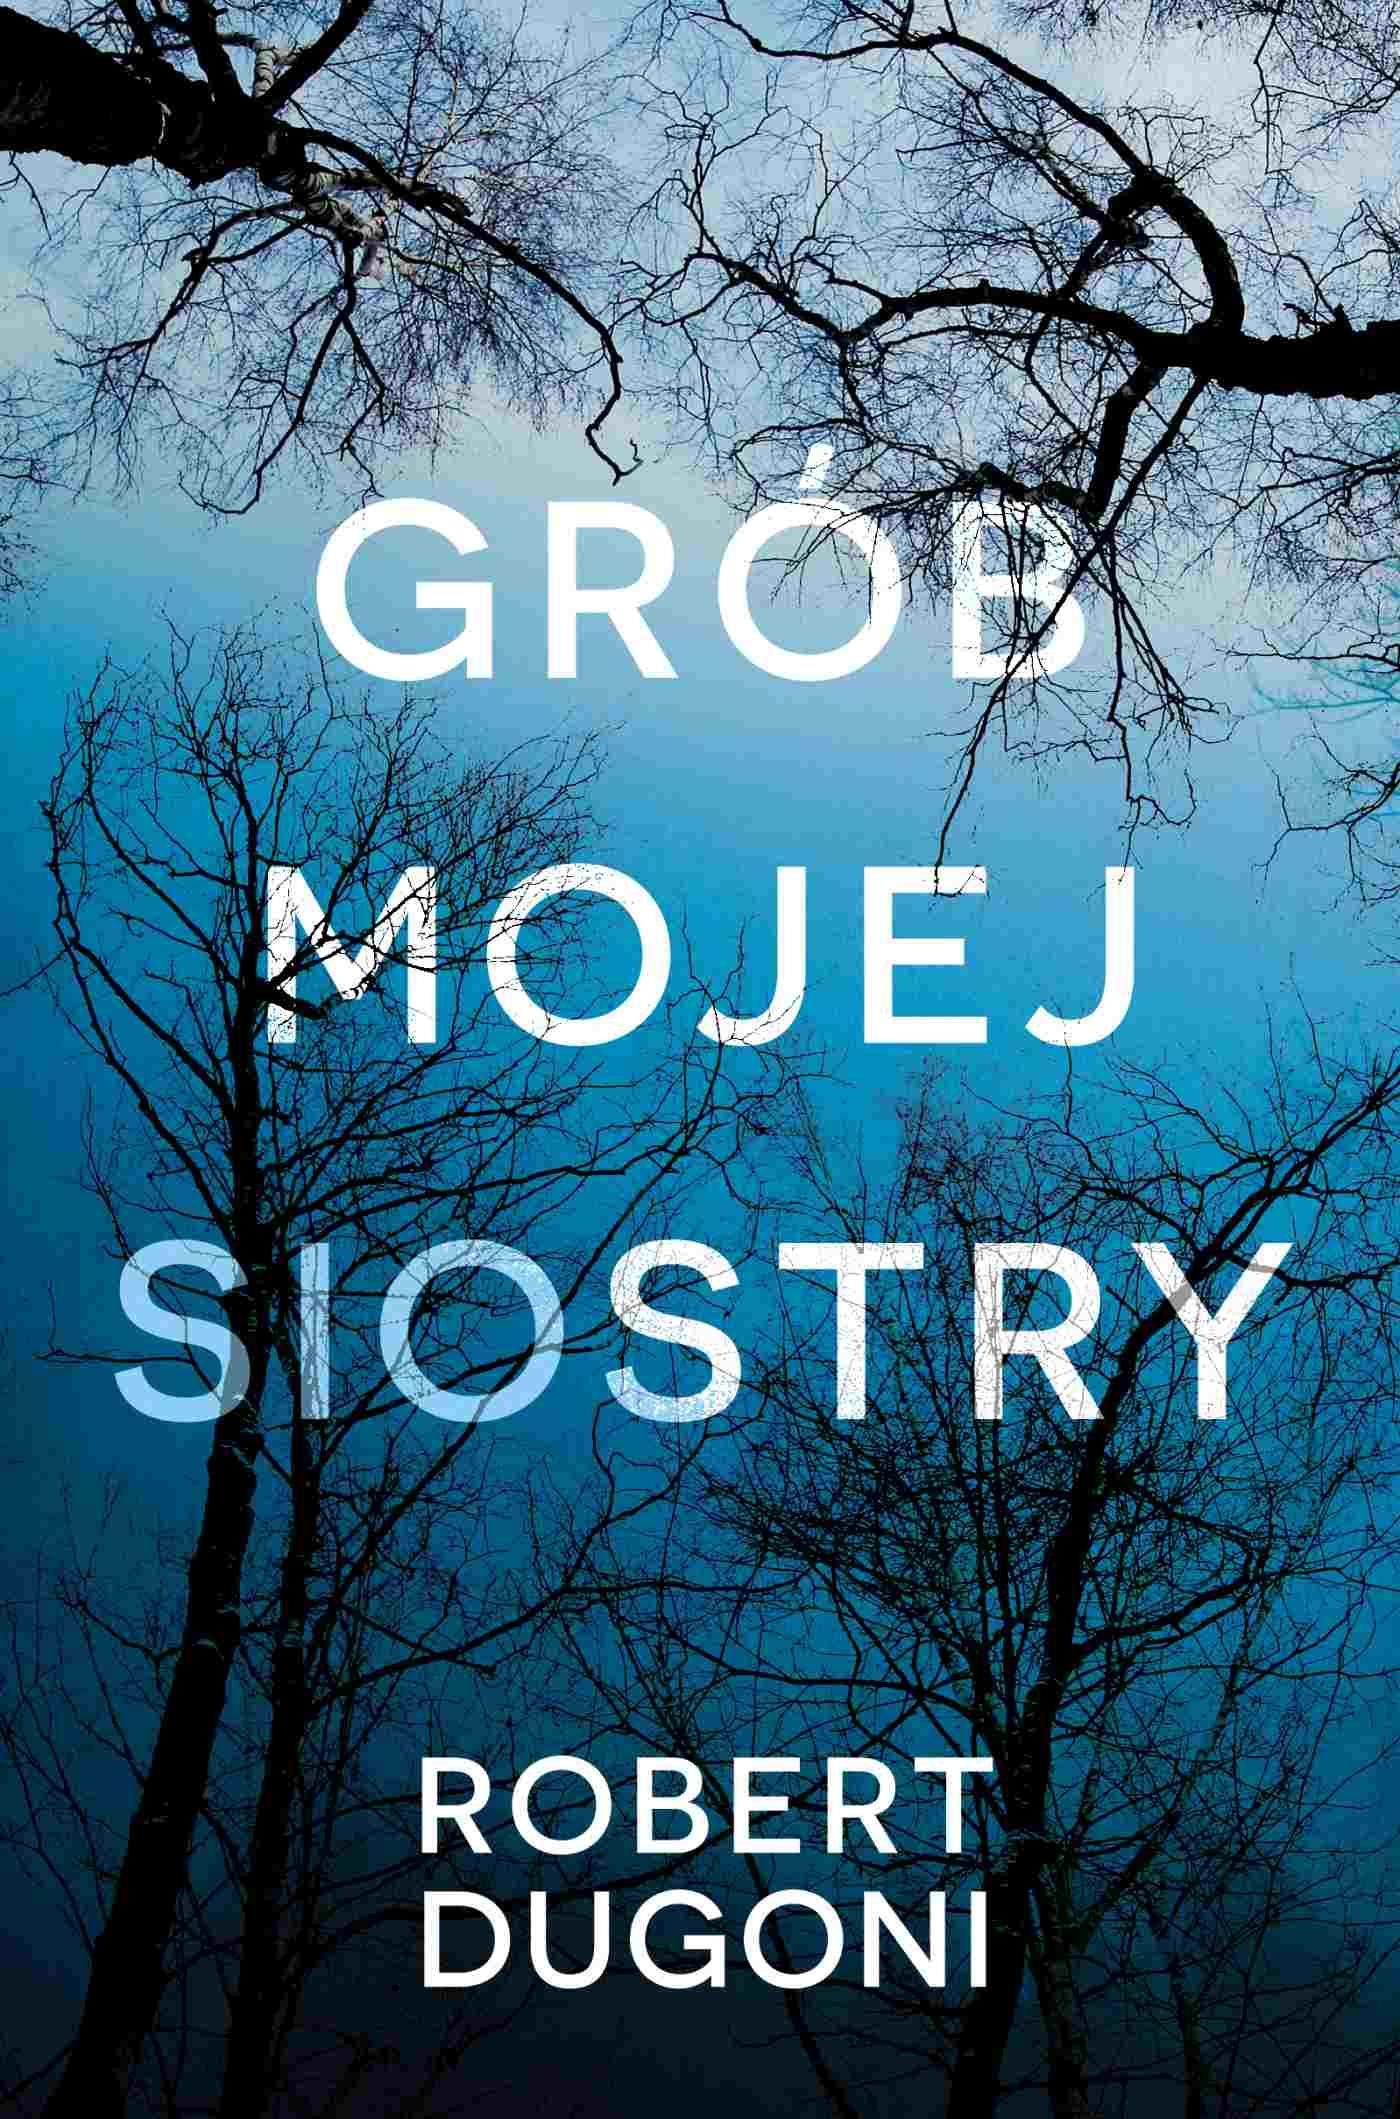 Grób mojej siostry - Ebook (Książka na Kindle) do pobrania w formacie MOBI